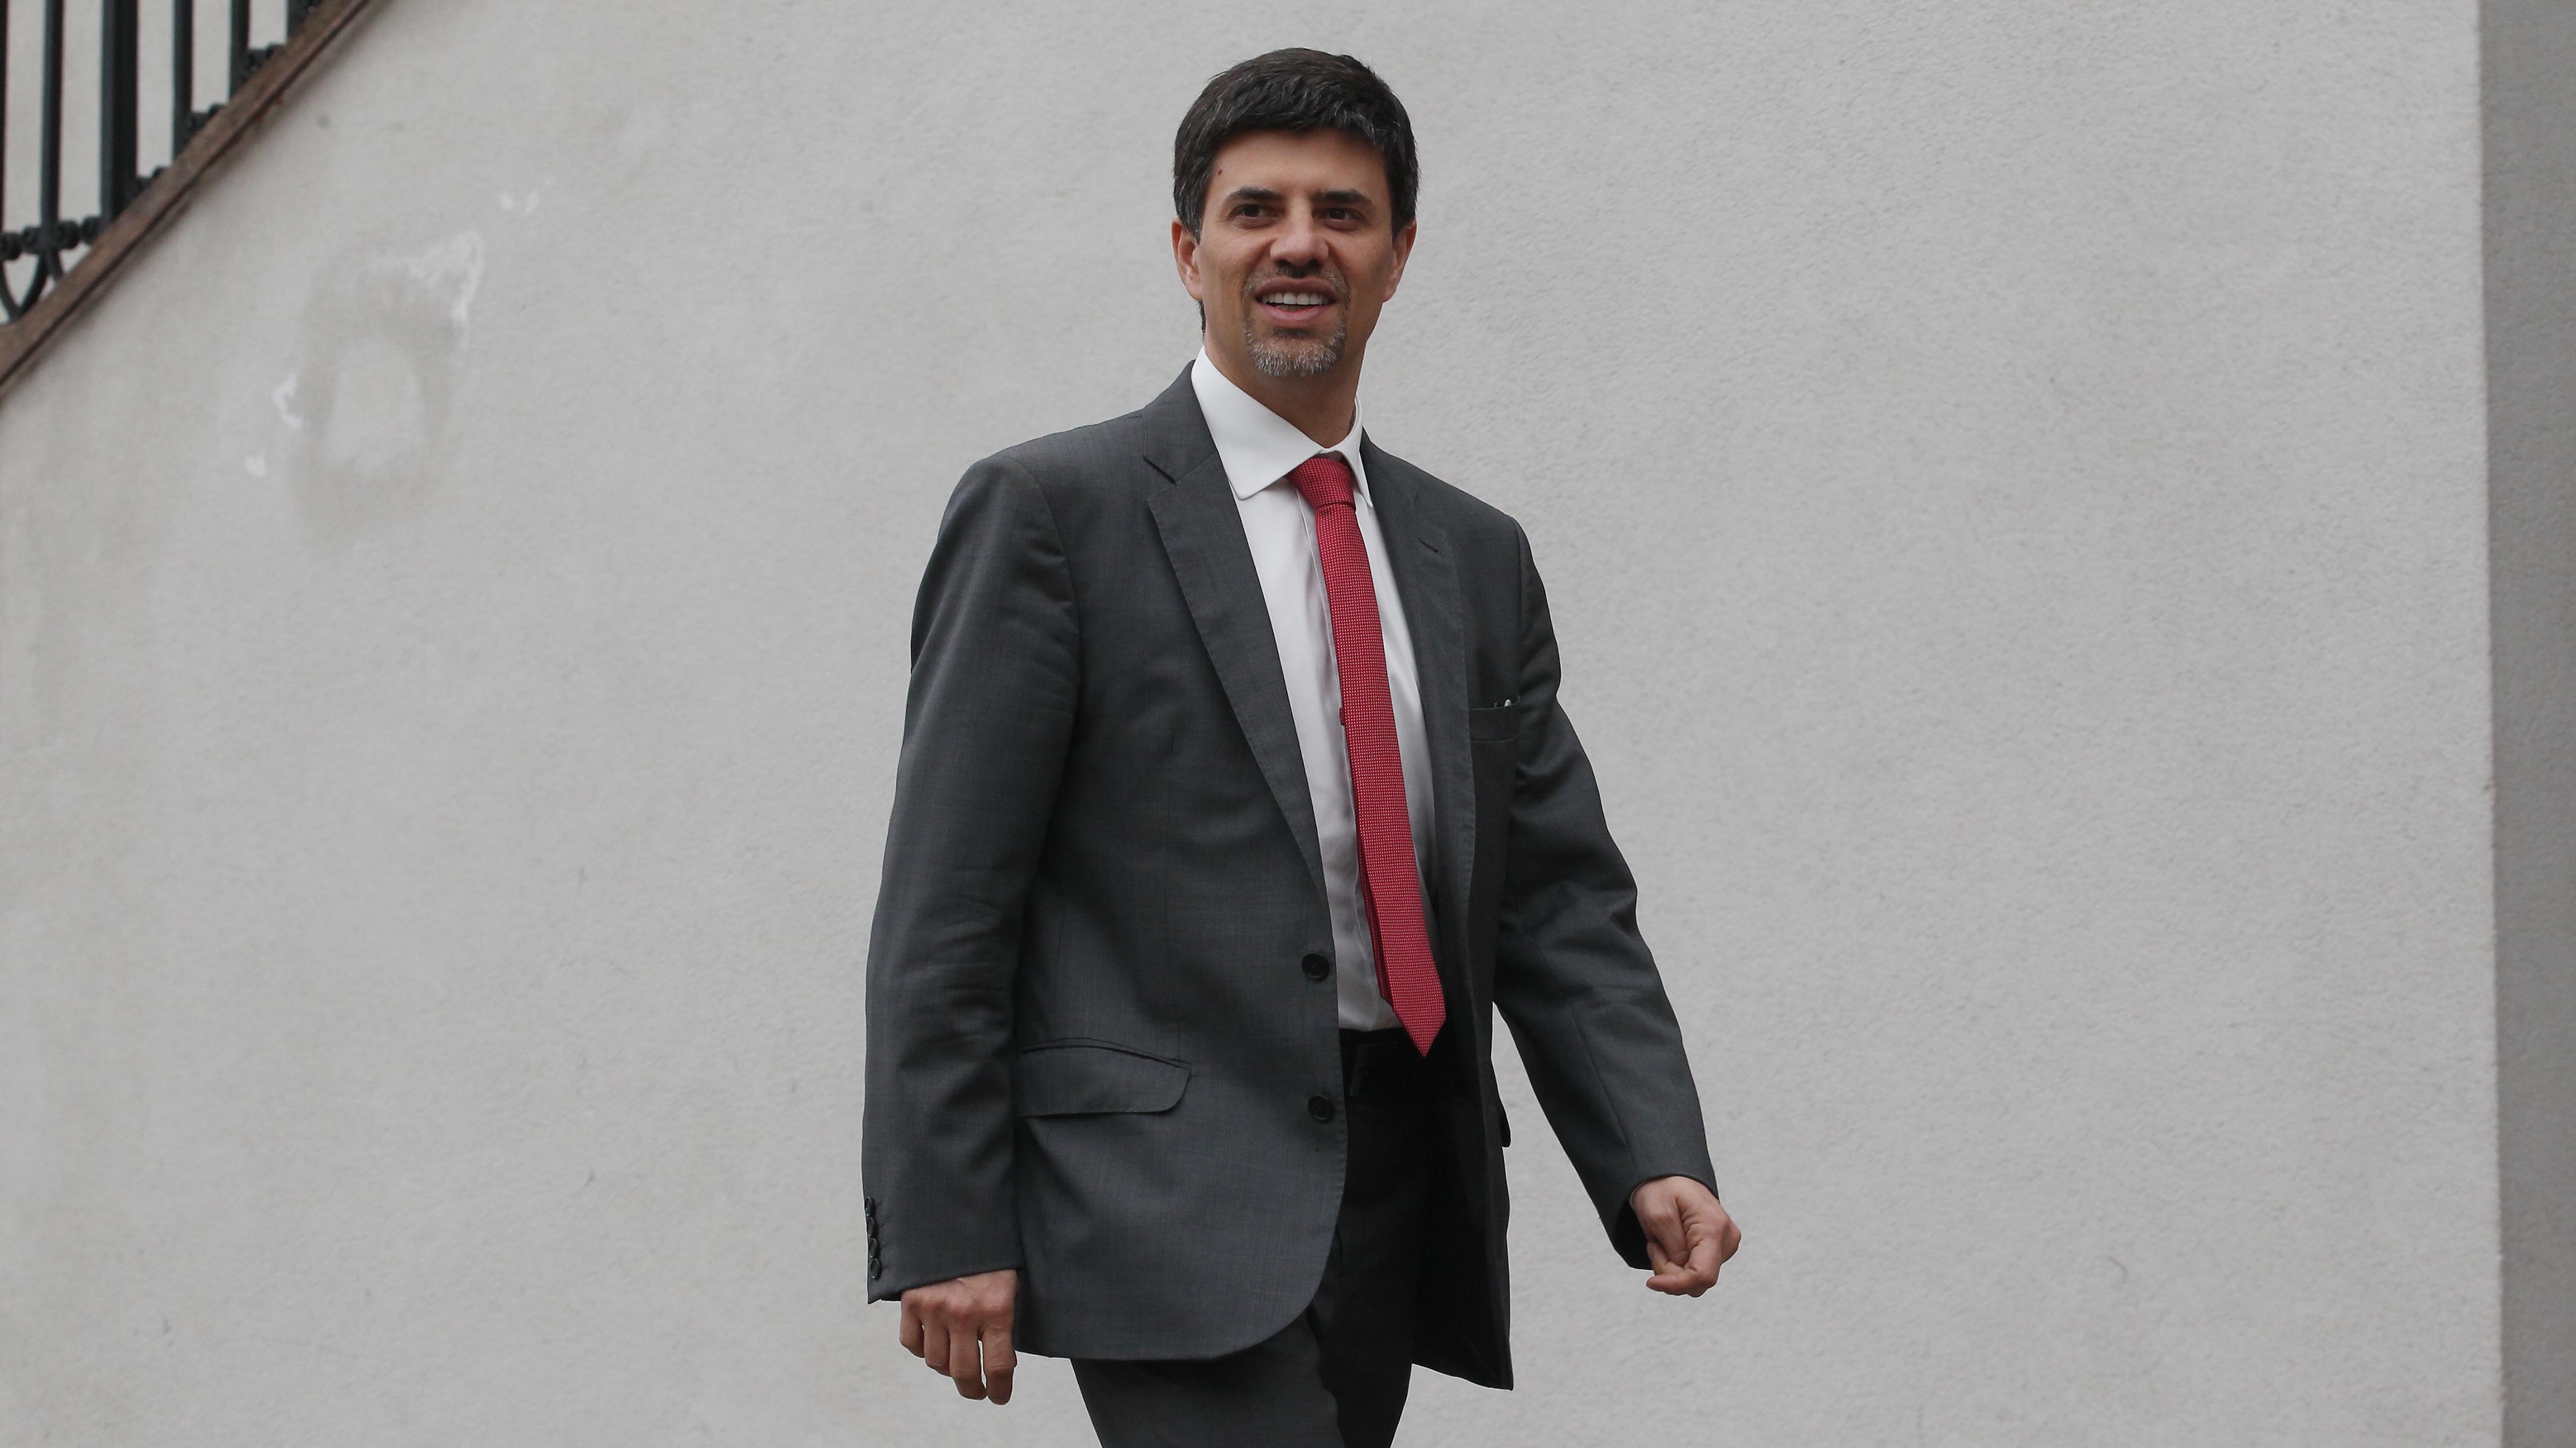 Marcelo Díaz cuestiona gestión de Elizalde como presidente del PS y llama a los críticos a unirse para enfrentarlo en elecciones